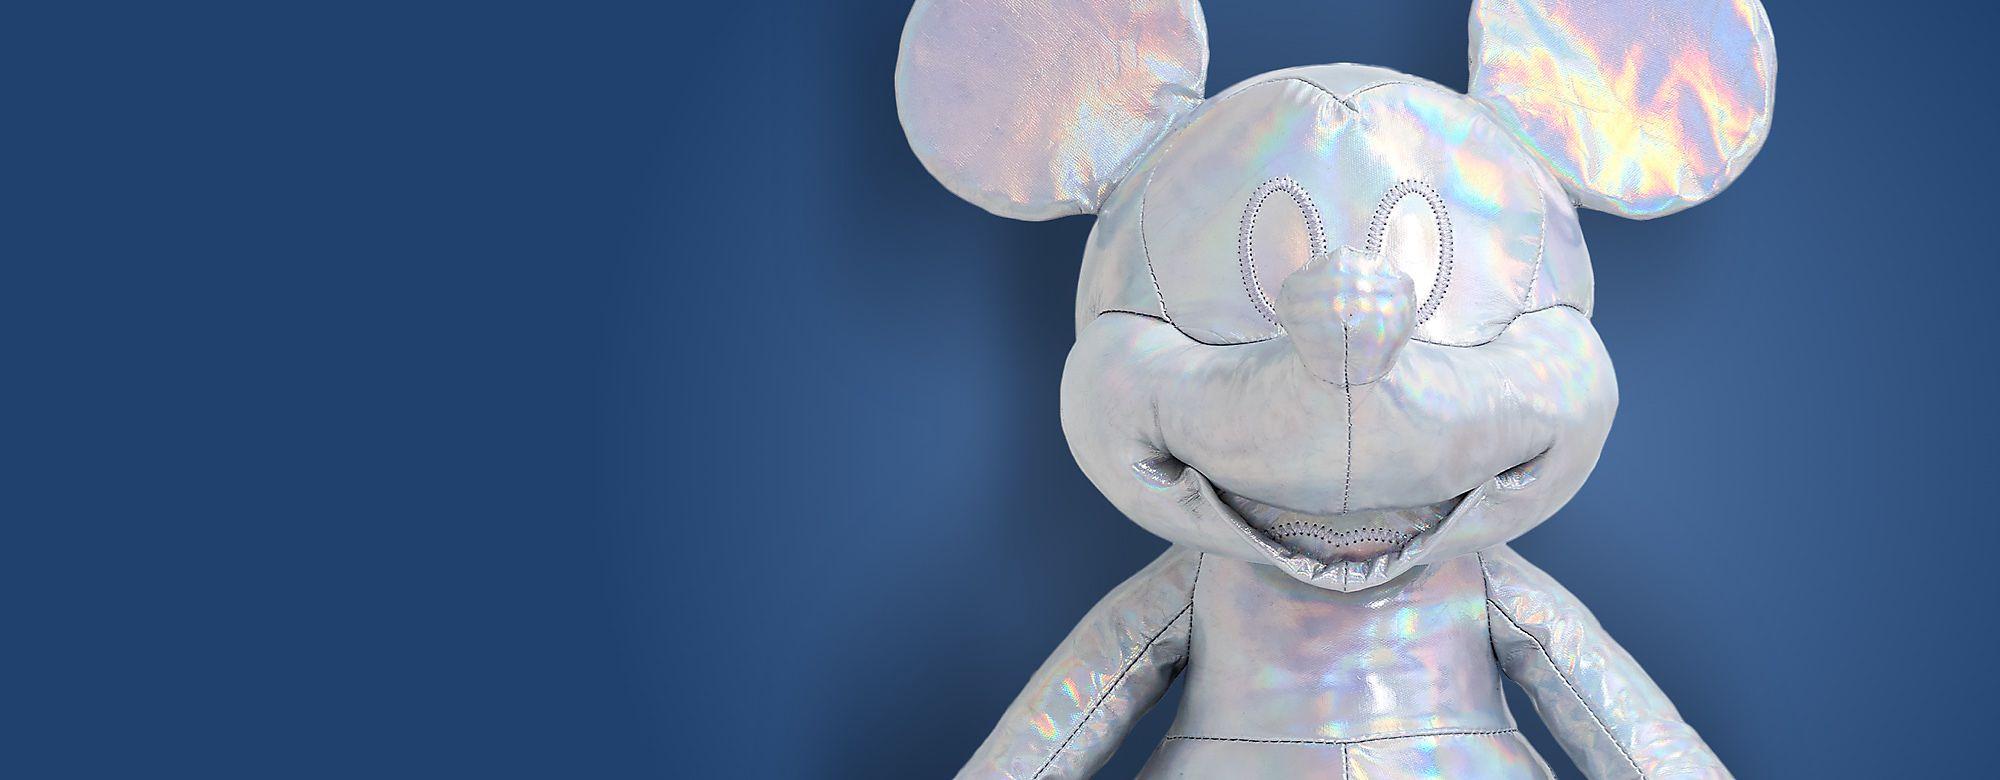 Micky Maus Memories Unsere monatliche Serie an Mickey Mouse Memories Collections ist nun vollständig veröffentlicht. Vielen Dank an alle, die mit uns die wahre Disney Ikone gefeiert haben.